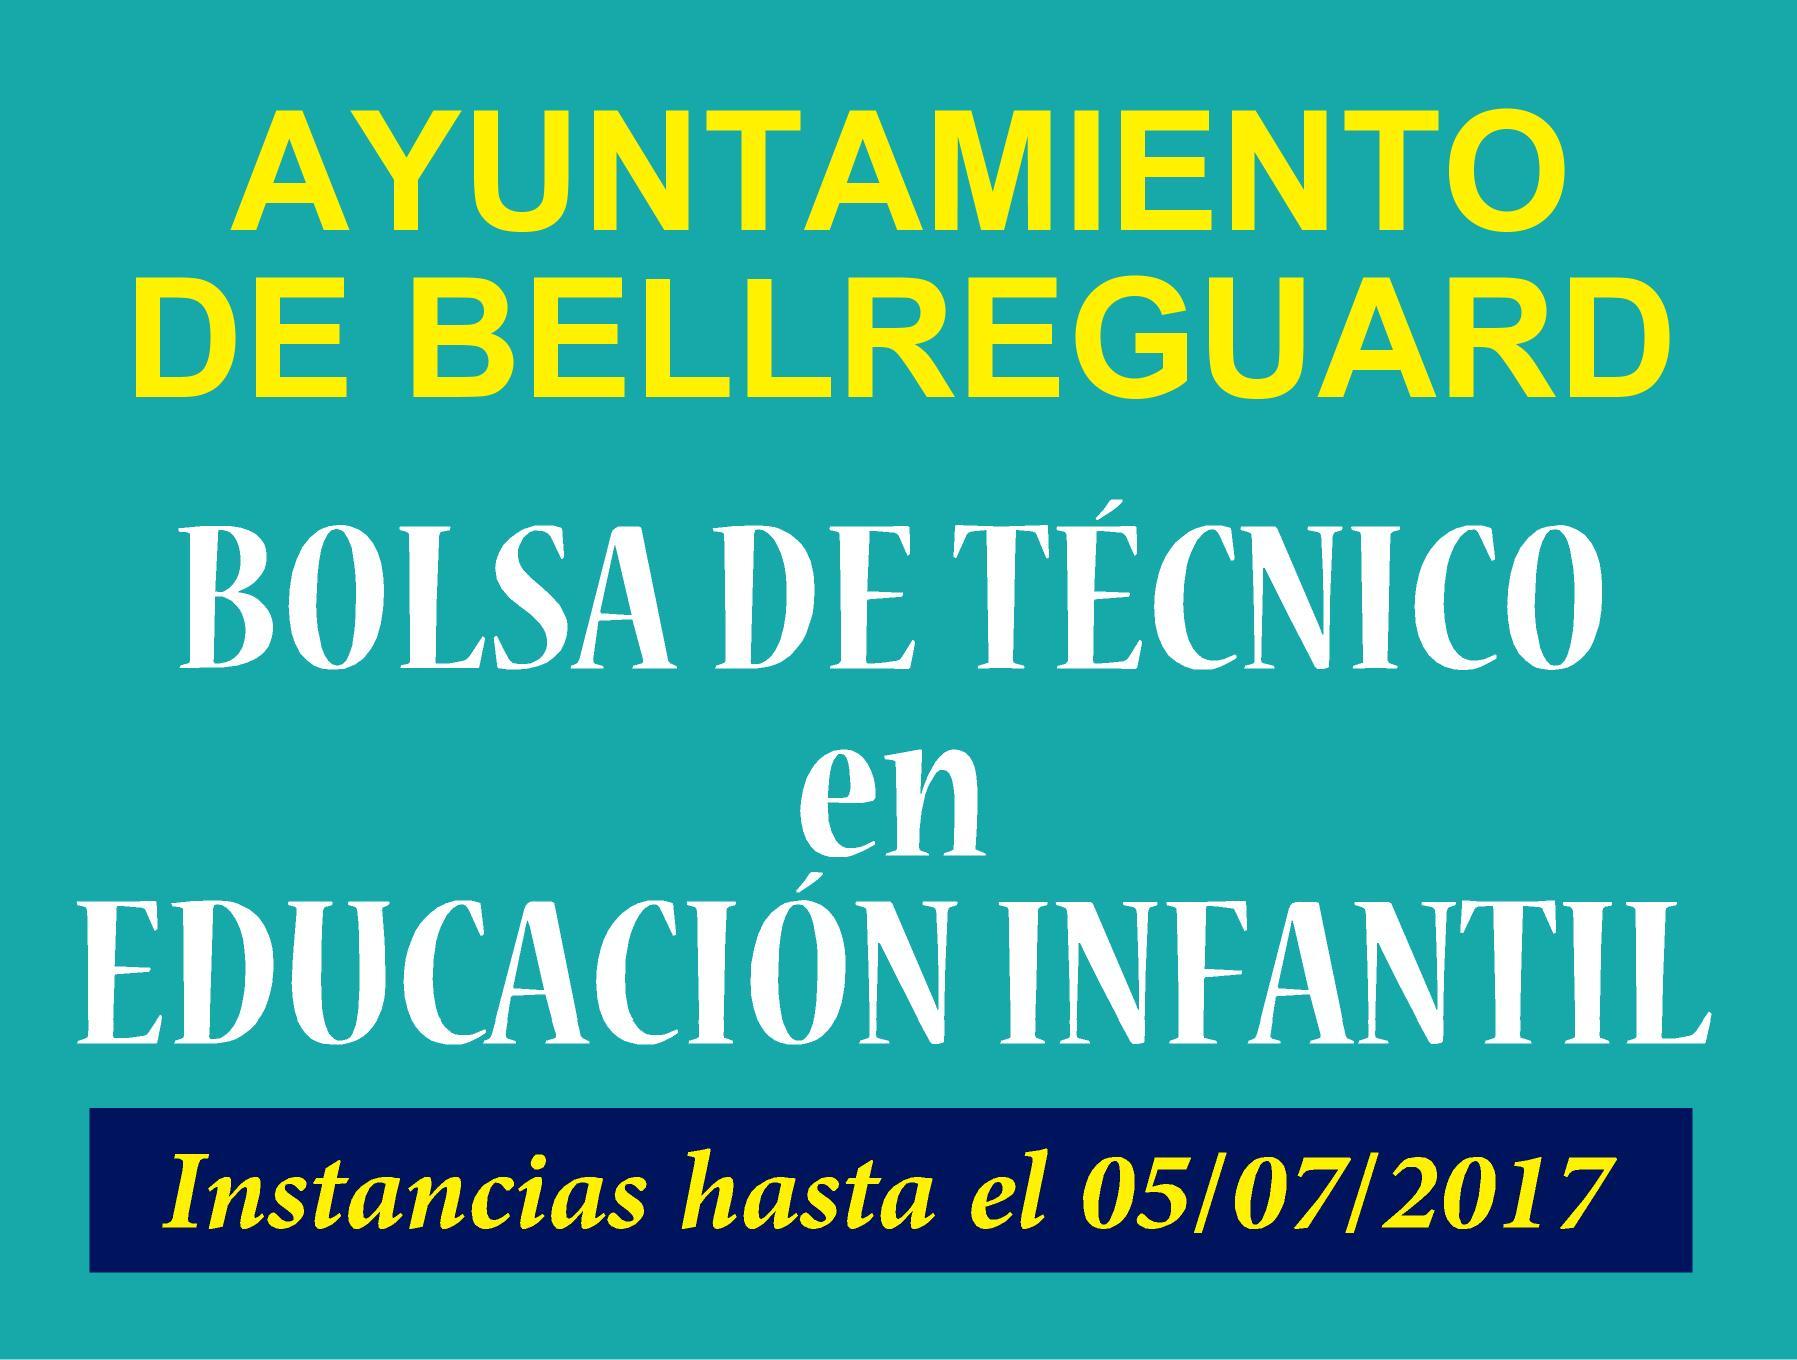 Ayuntamiento Bellreguard Técnico Educación Infantil